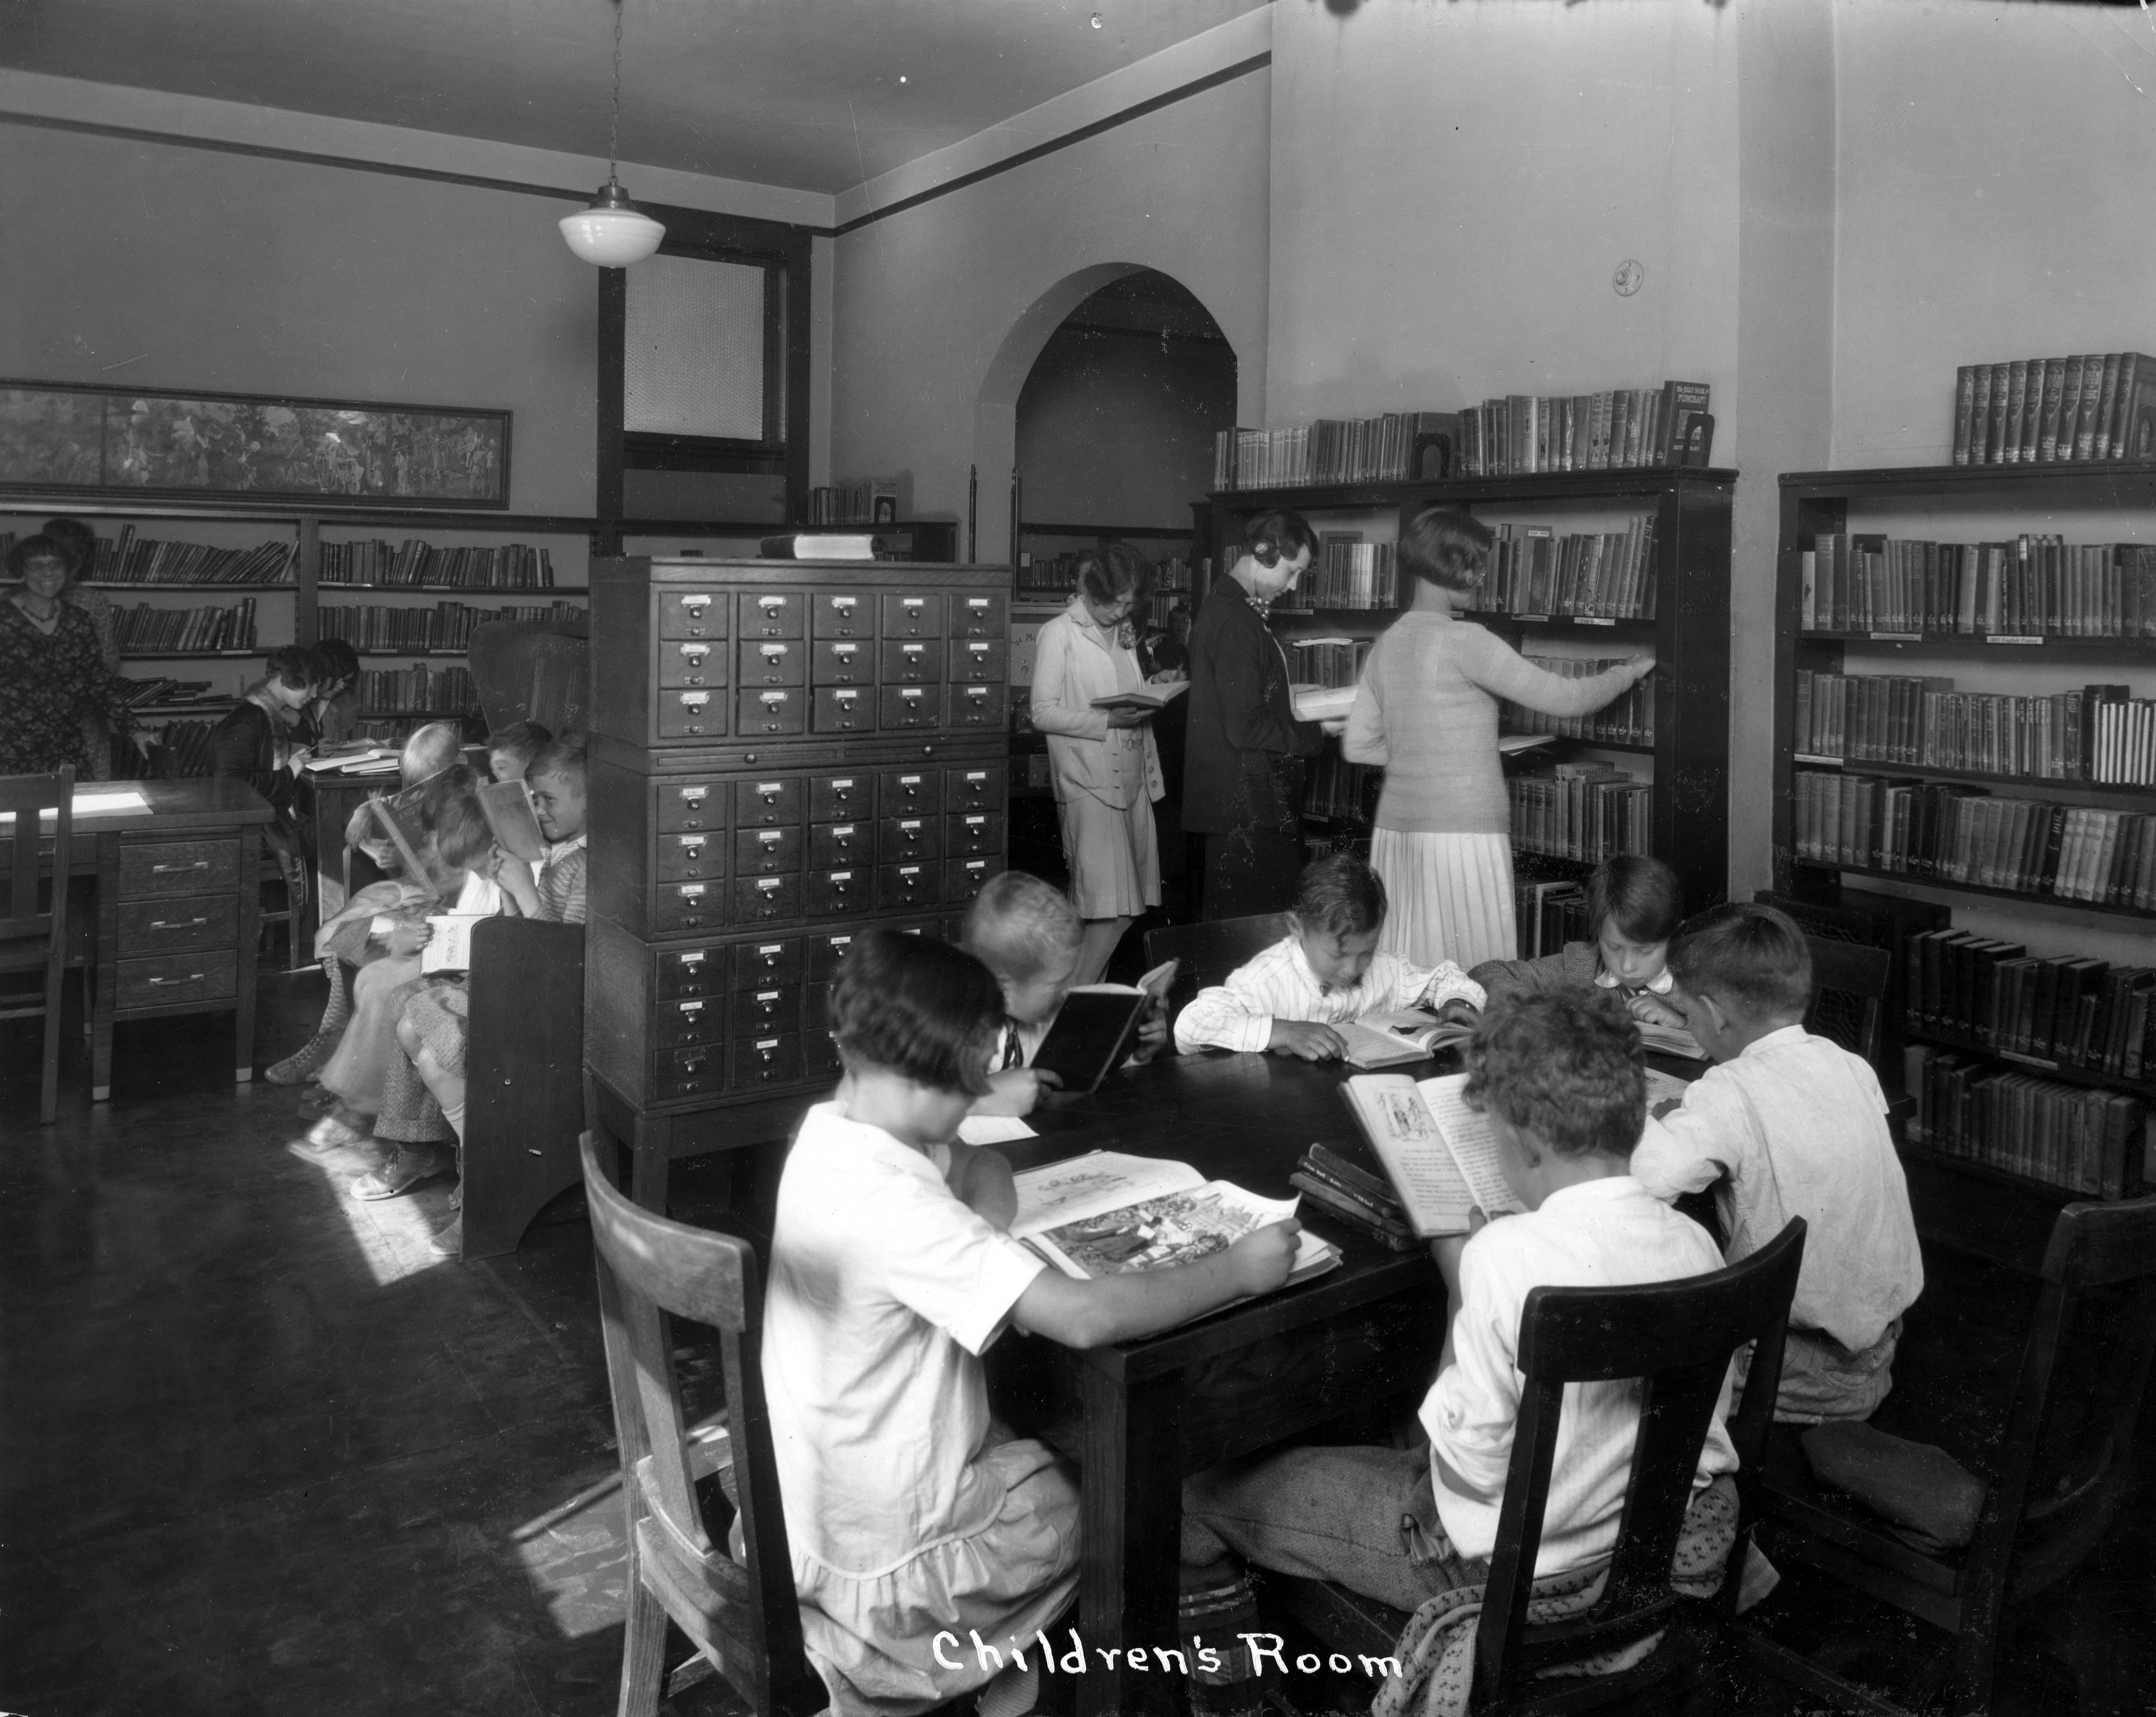 Old Model School library children's room, 1930s